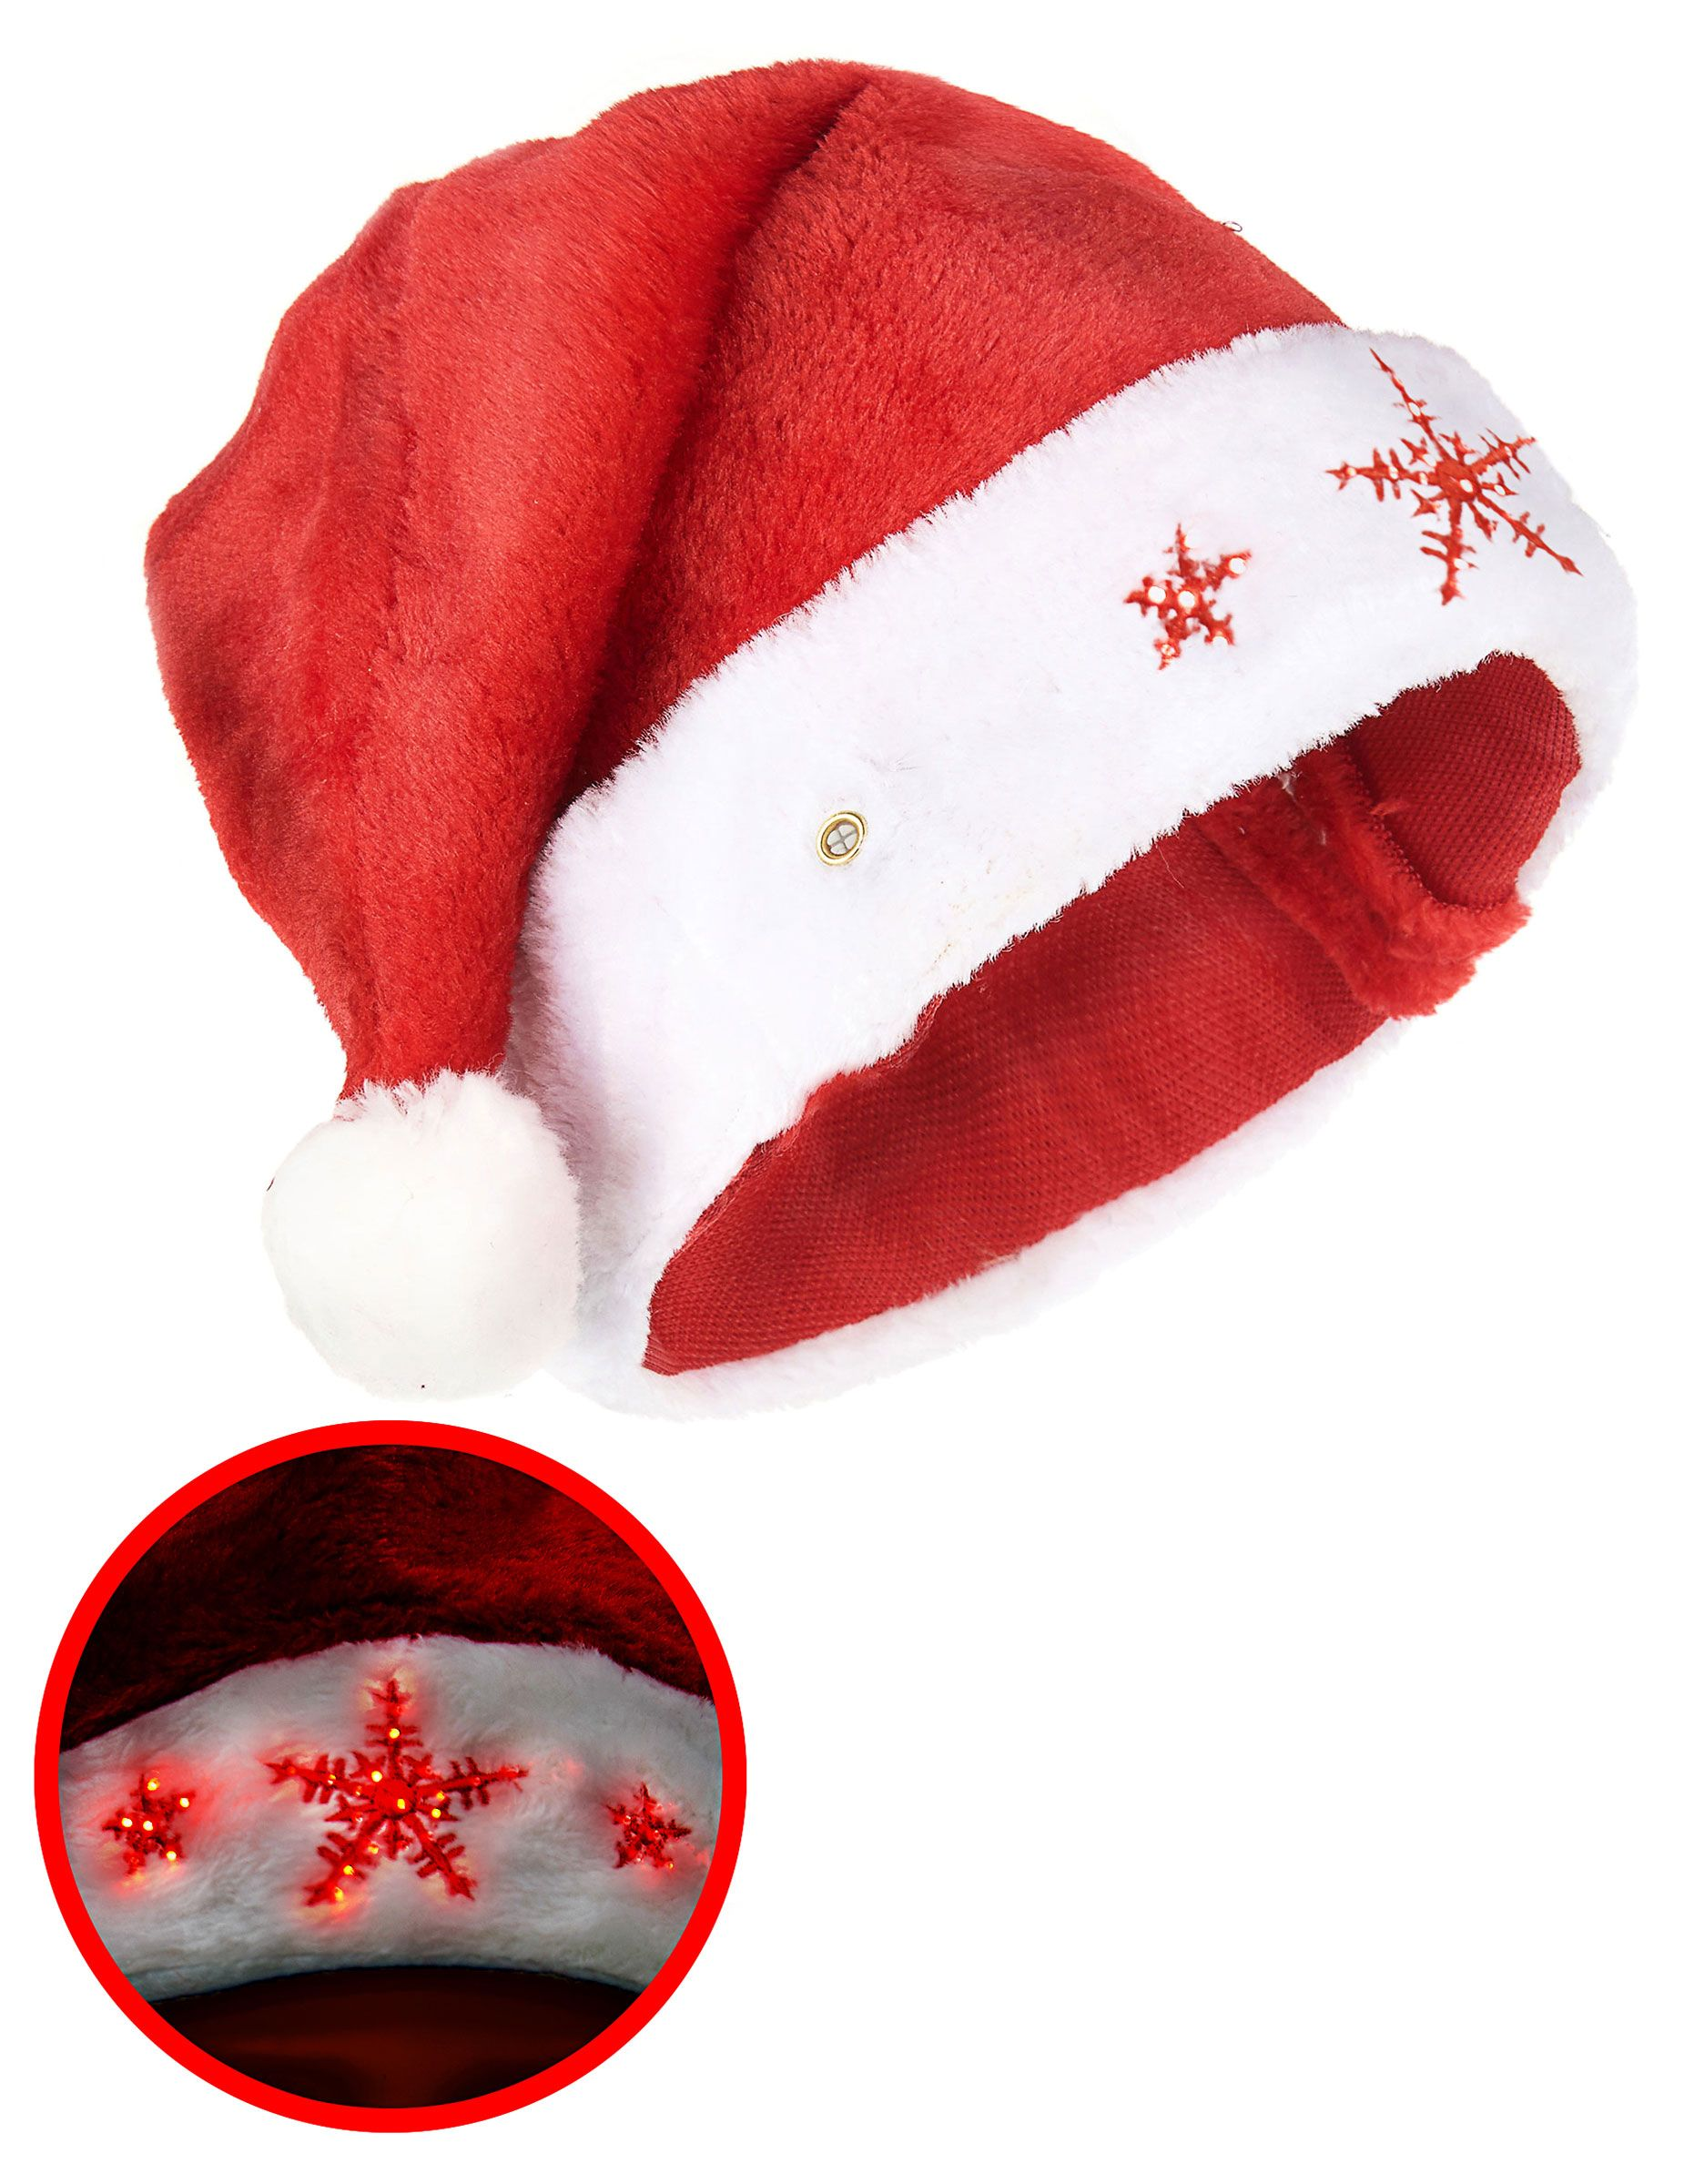 Etoiles blanches ou rouges 1 Bonnet de Noël lumineux en feutrine rouge Noël